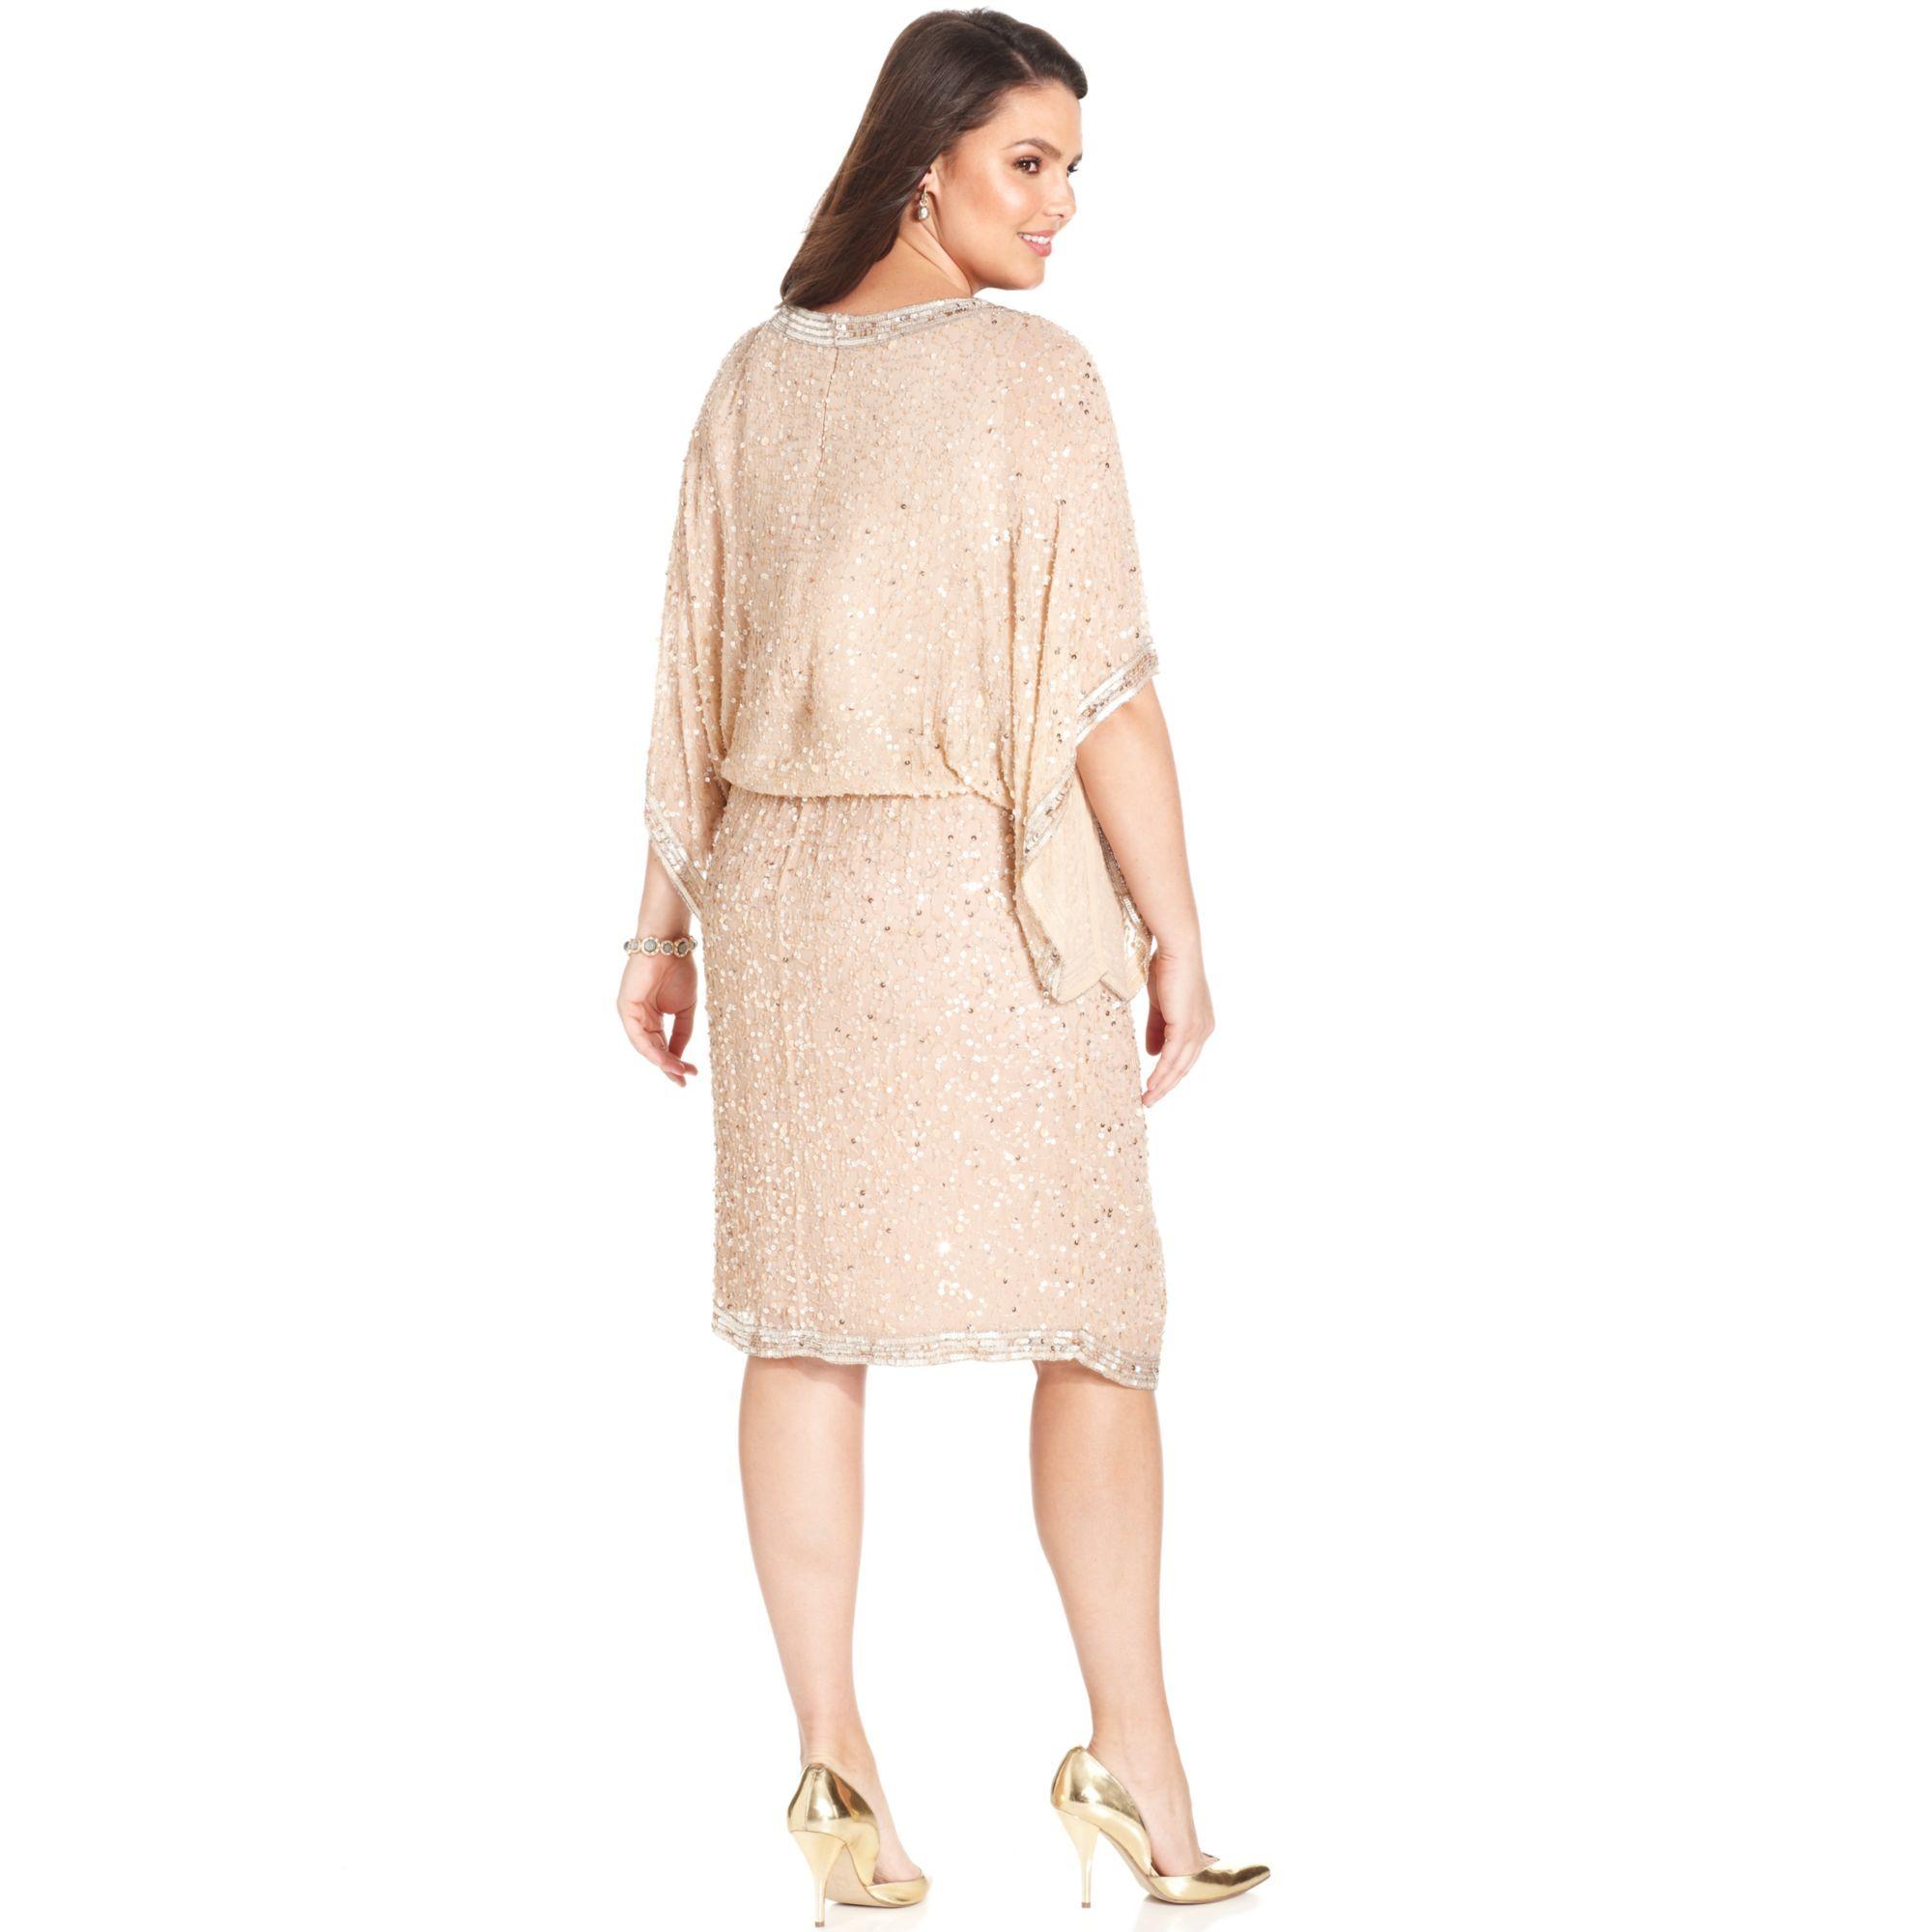 patra evening dresses plus size images - dresses design ideas